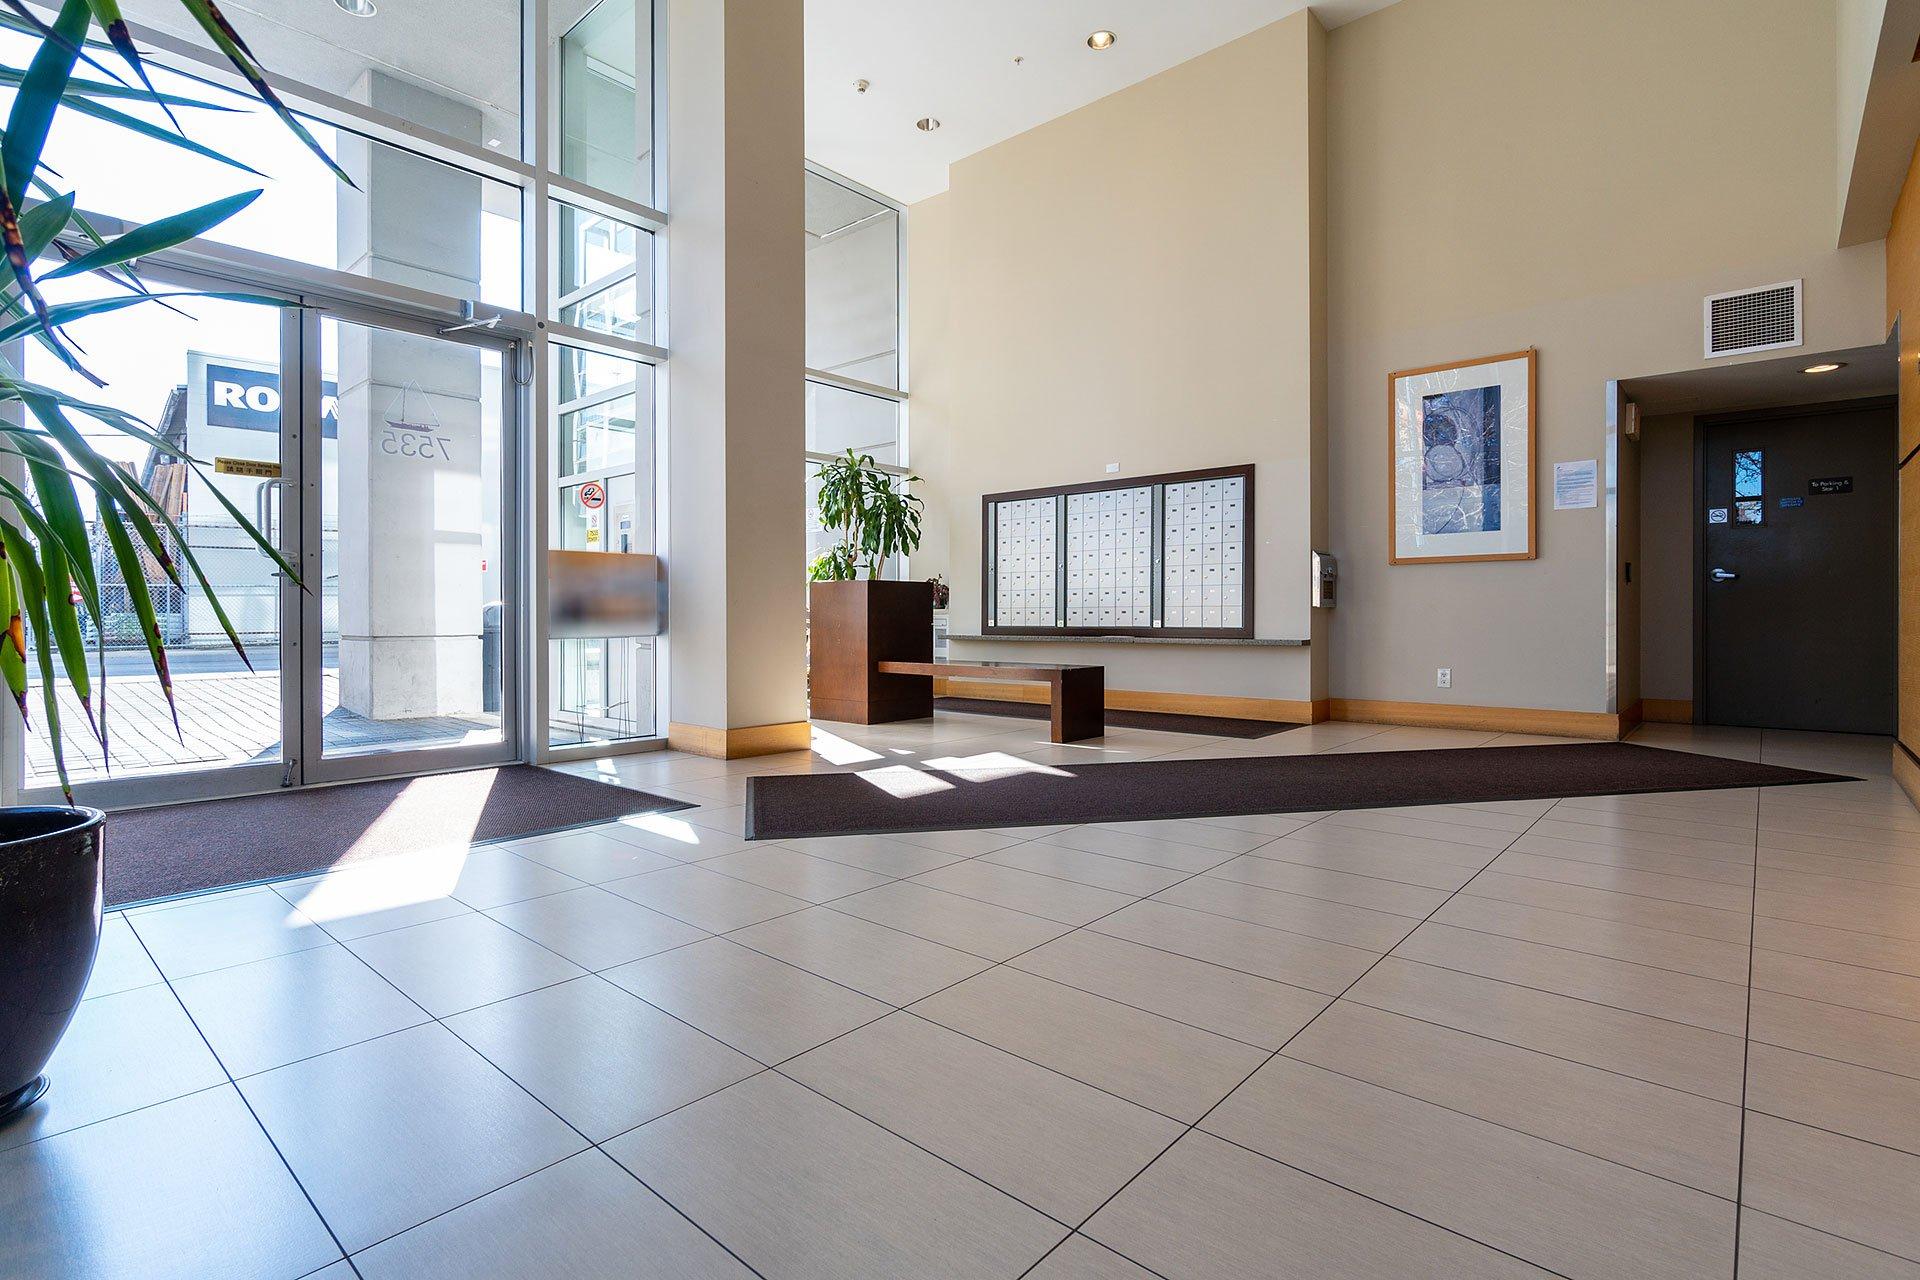 """Photo 36: Photos: 1207 7535 ALDERBRIDGE Way in Richmond: Brighouse Condo for sale in """"OCEAN WALK"""" : MLS®# R2445449"""